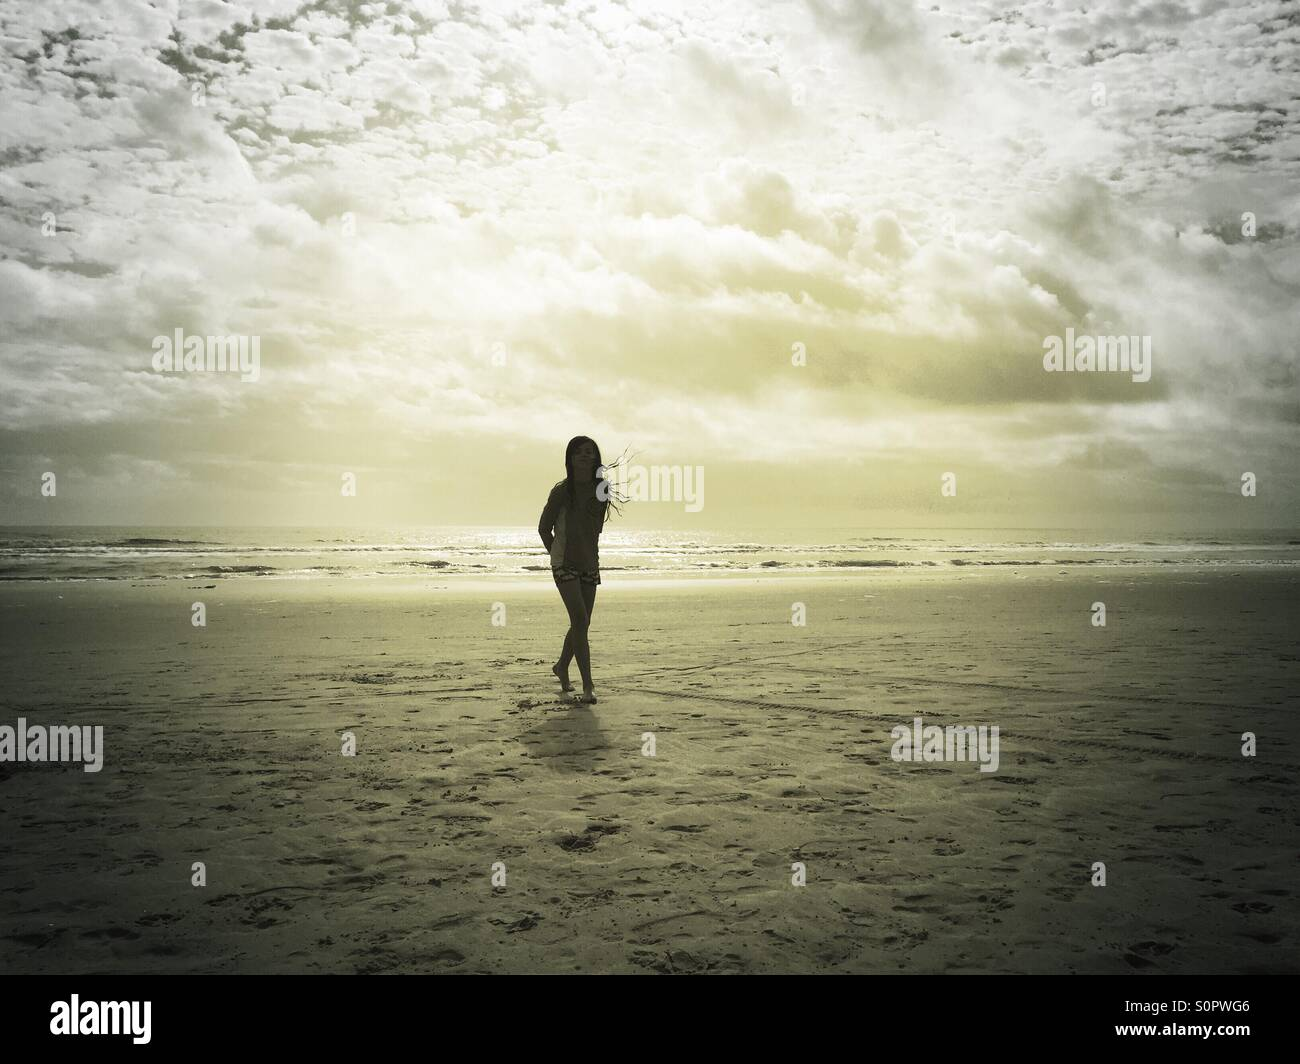 Ein Mädchen tanzt am Strand unter einem Gewitterhimmel. Stockbild